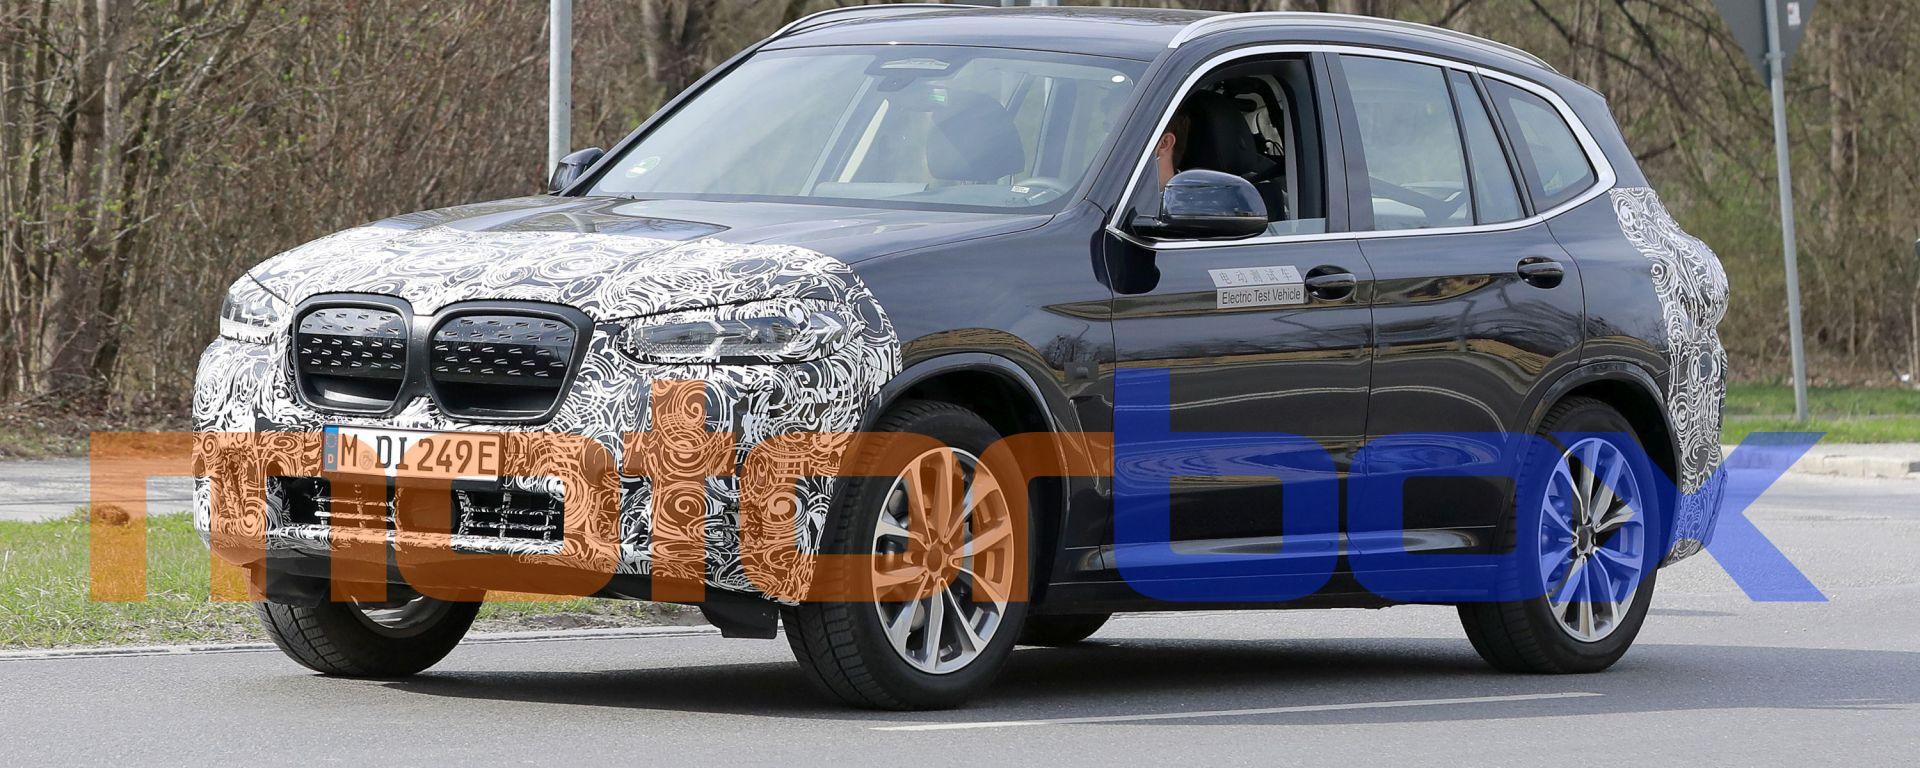 BMW iX3 facelift: il nuovo modello atteso nel 2022?